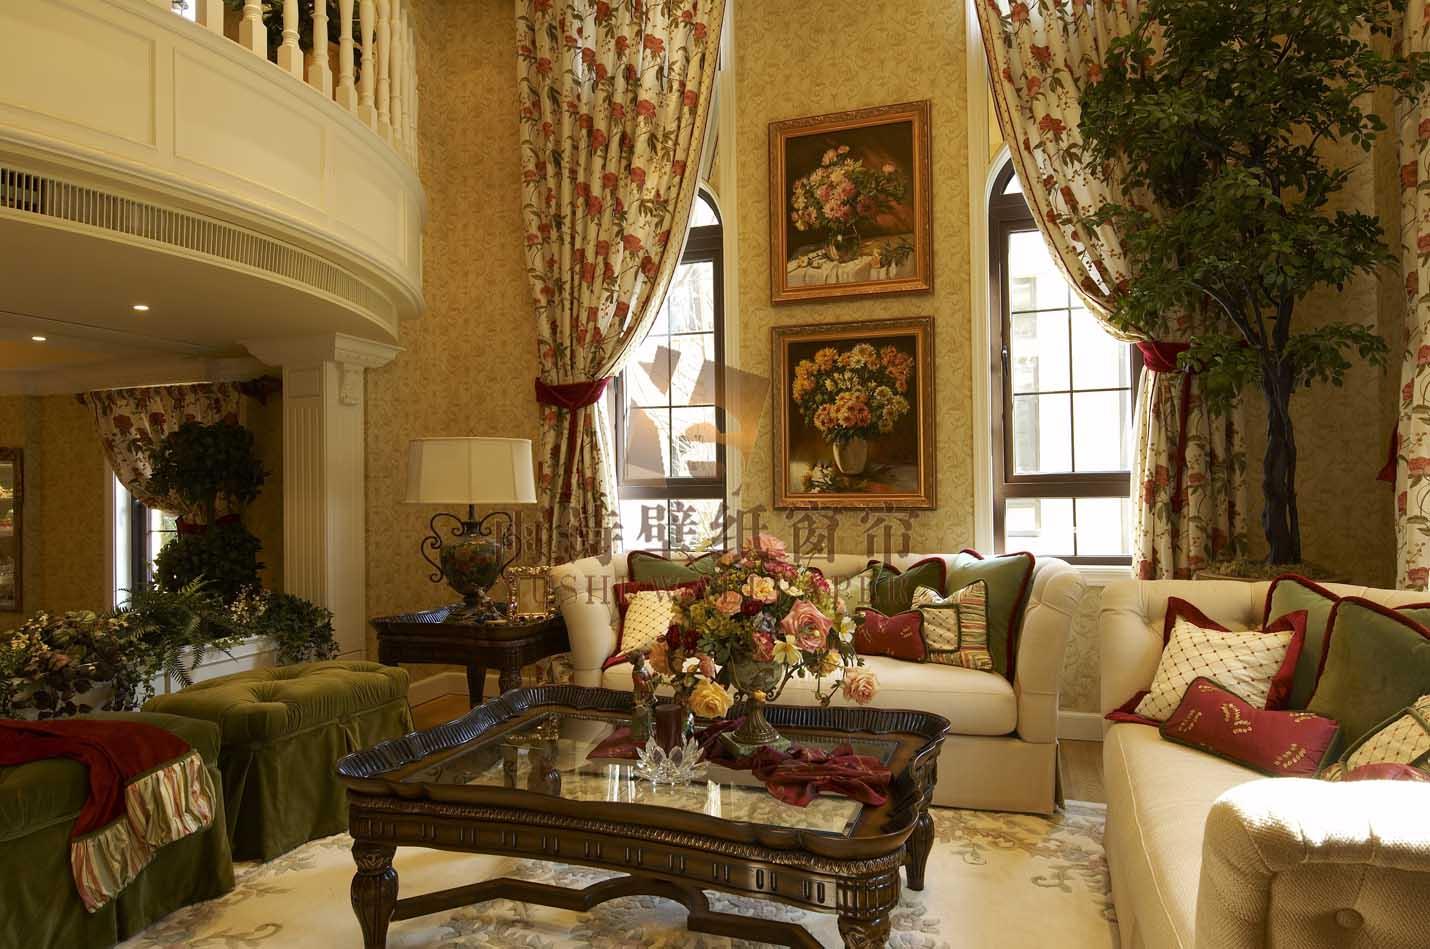 雨诗壁纸窗帘之田园大花窗帘搭配暗花纹墙纸